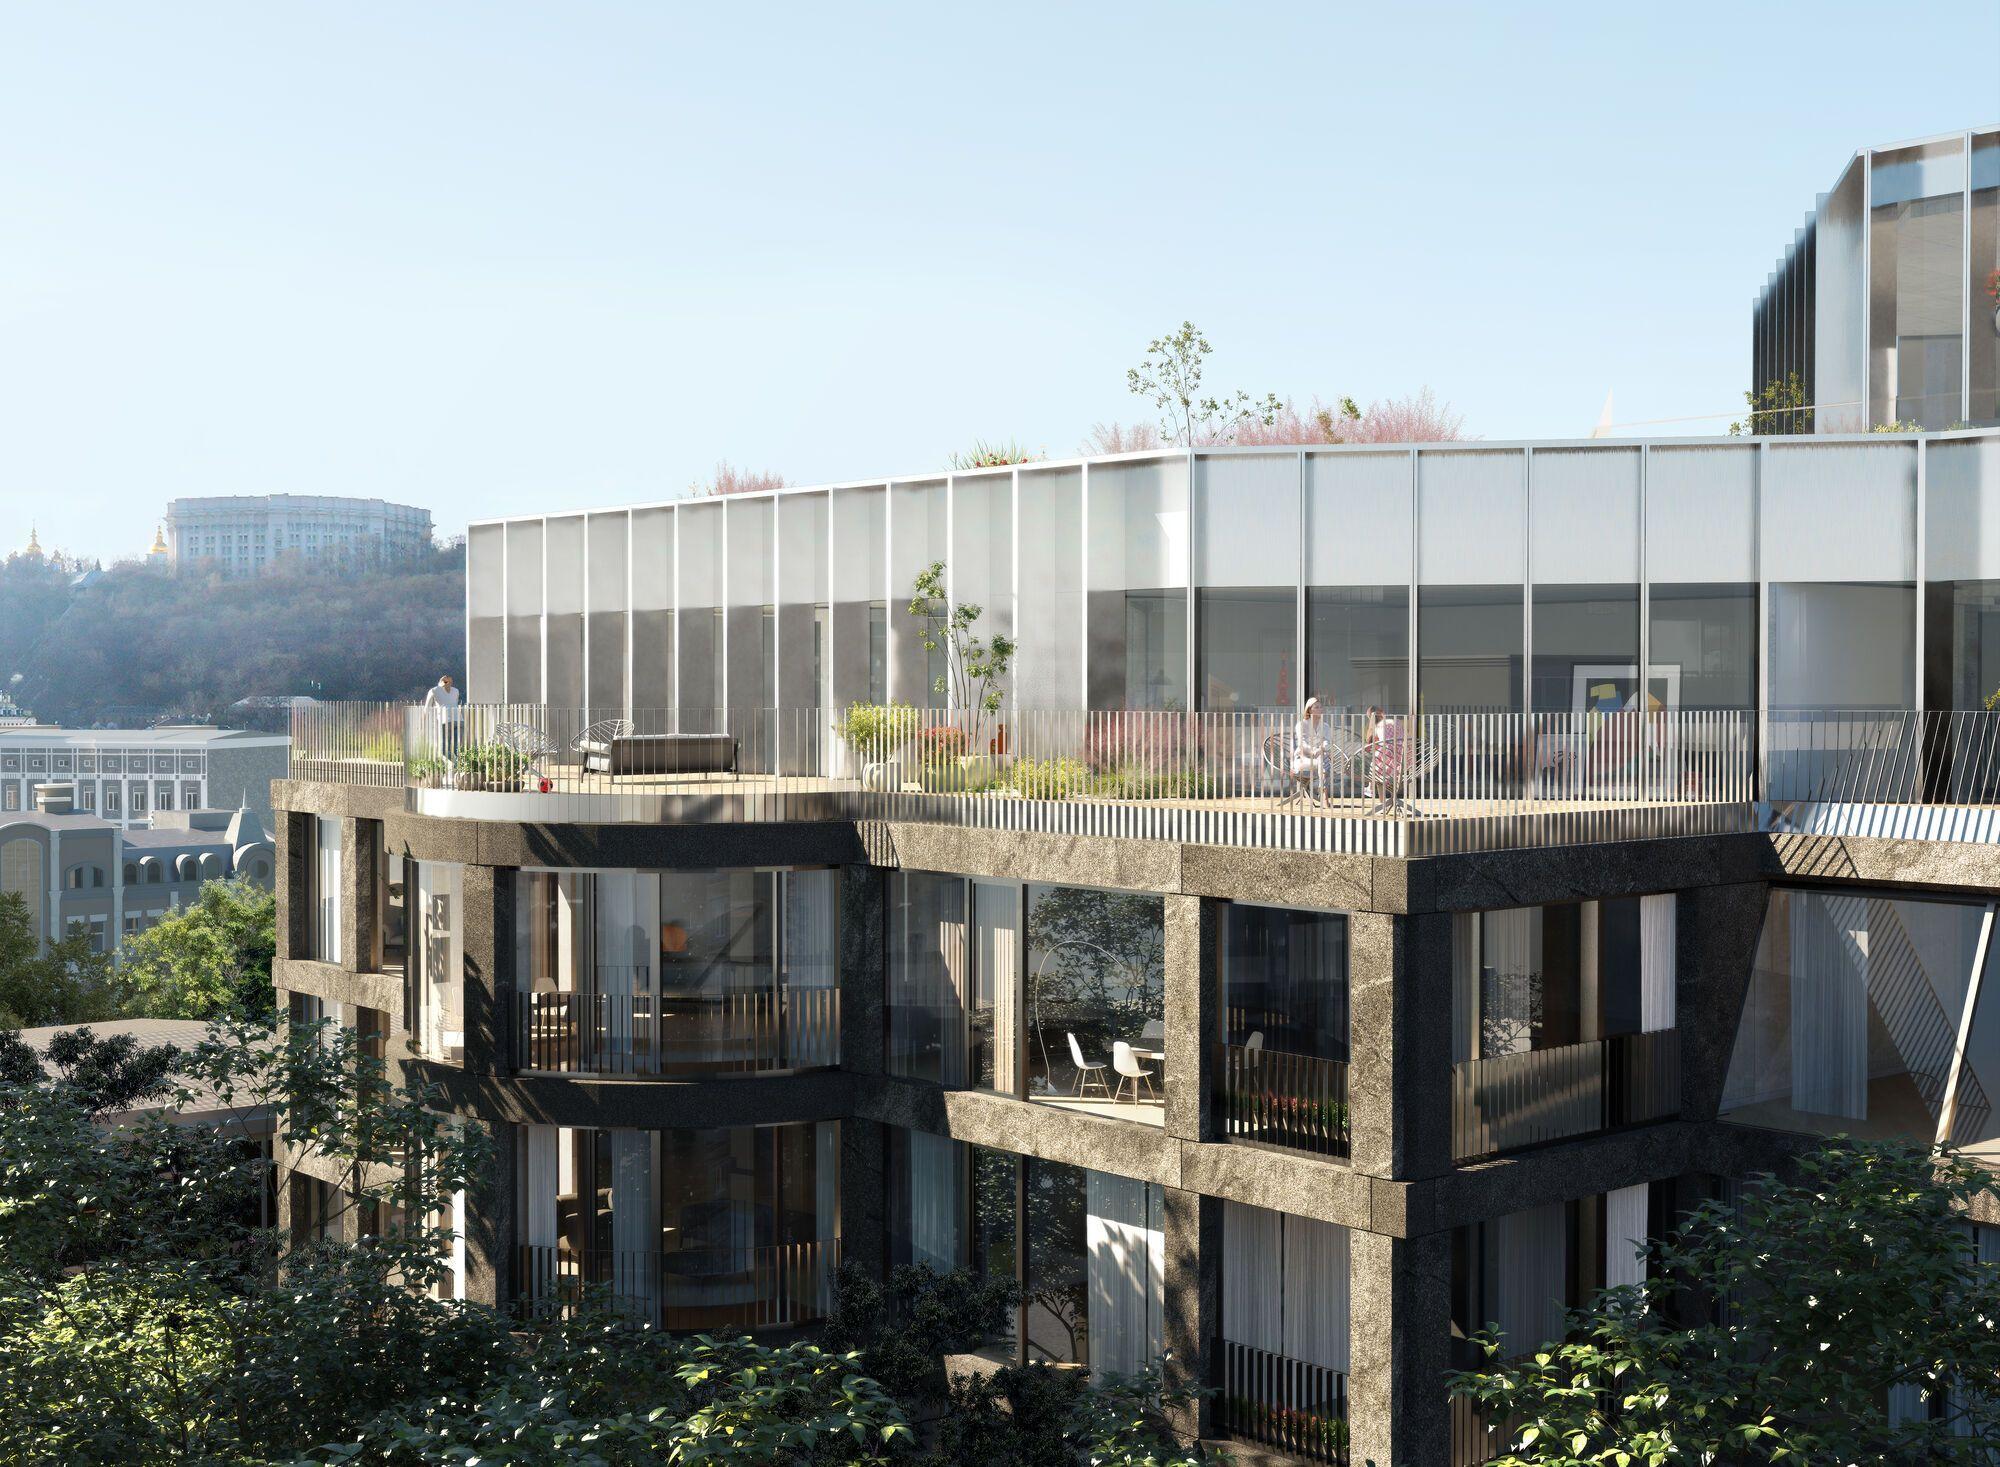 Жителям будут доступны общественные террасы, внутренняя площадь, подземный паркинг, ресторан с террасой на крыше